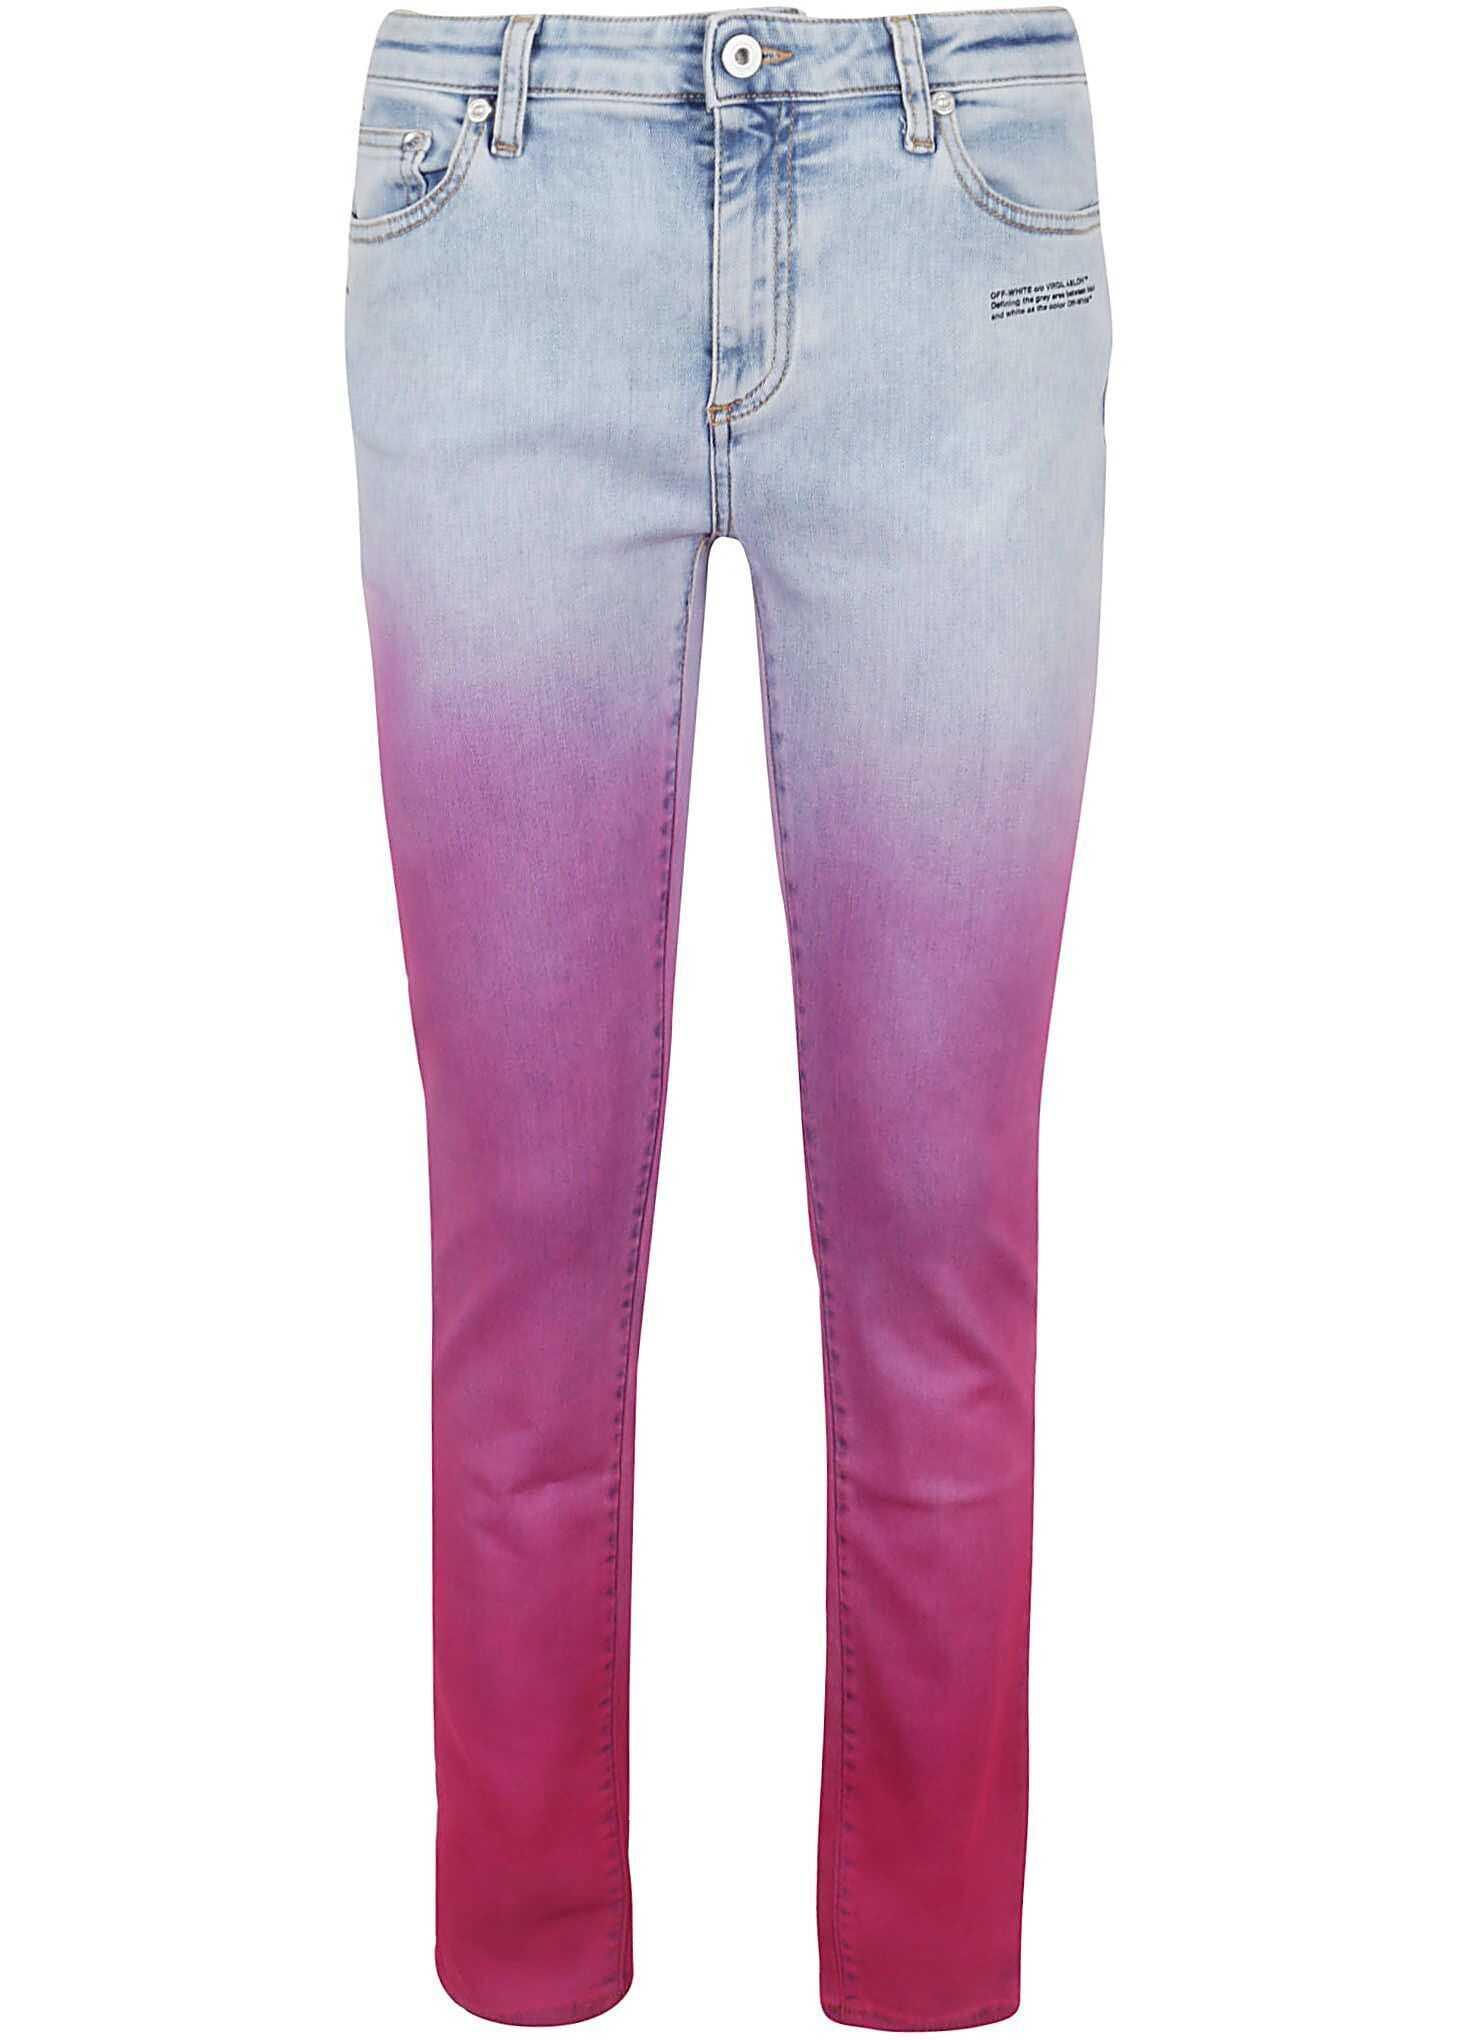 Off-White Cotton Jeans FUCHSIA